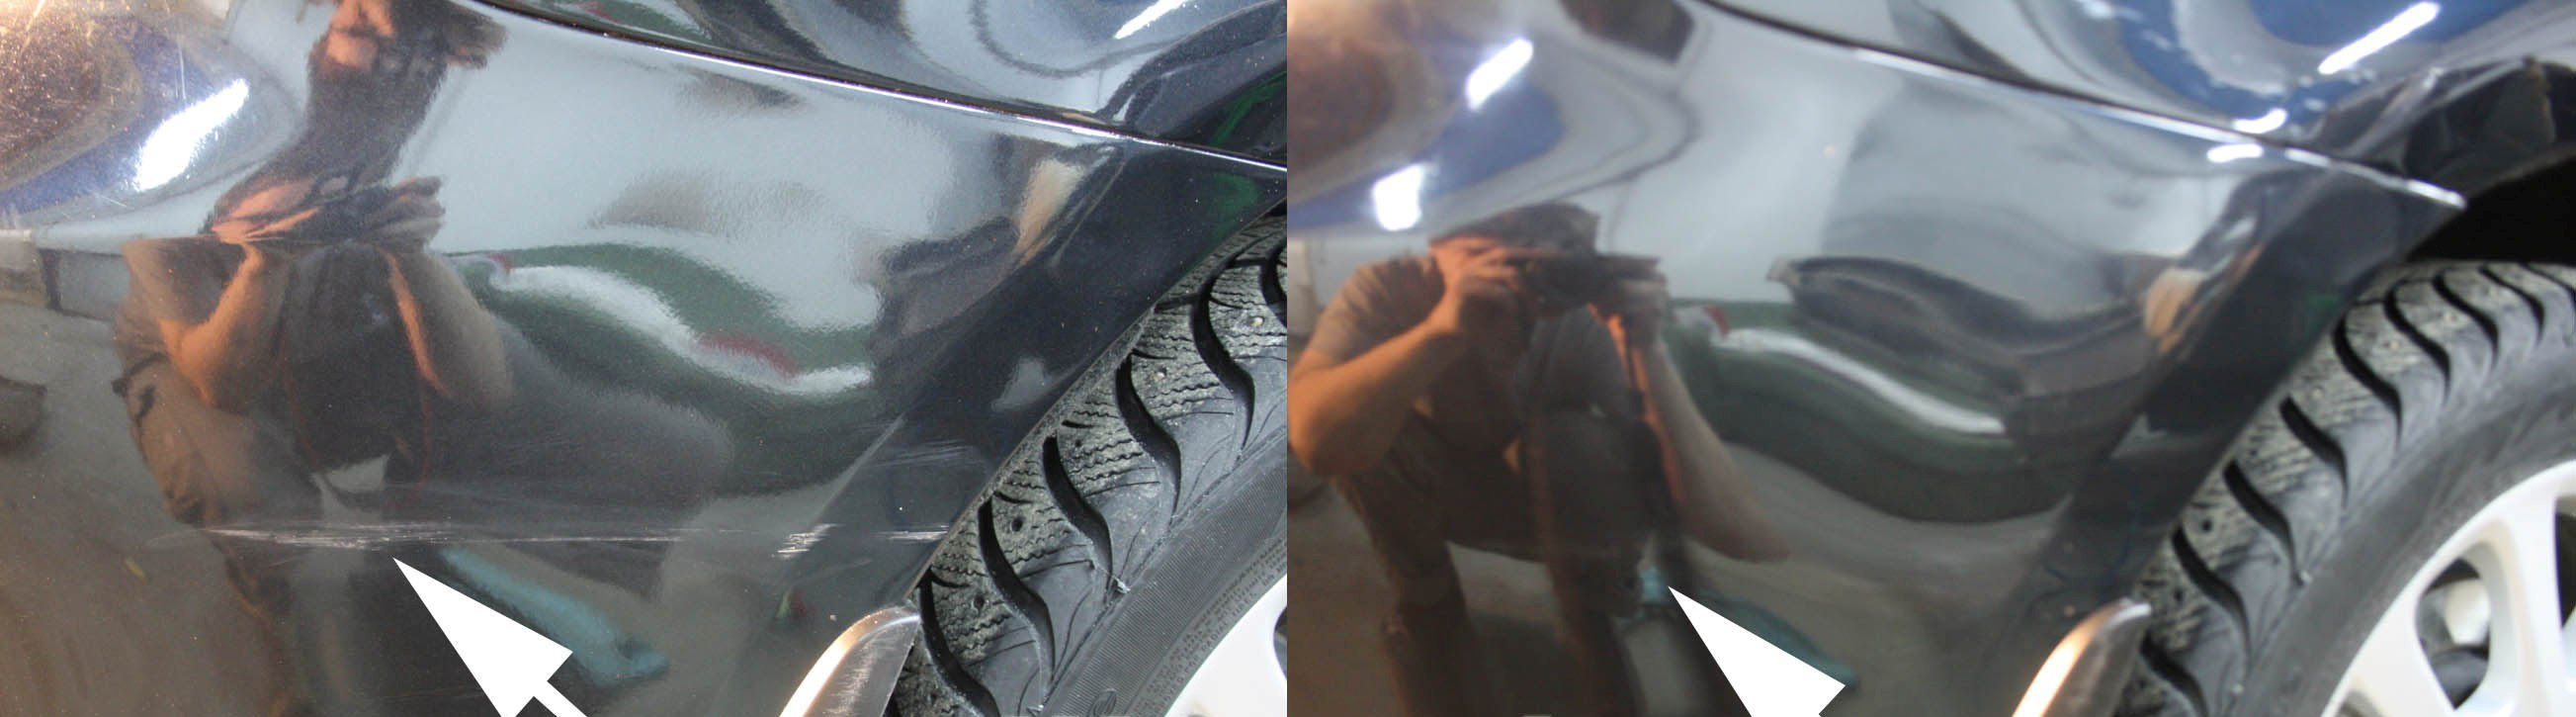 Полировка машины от царапин